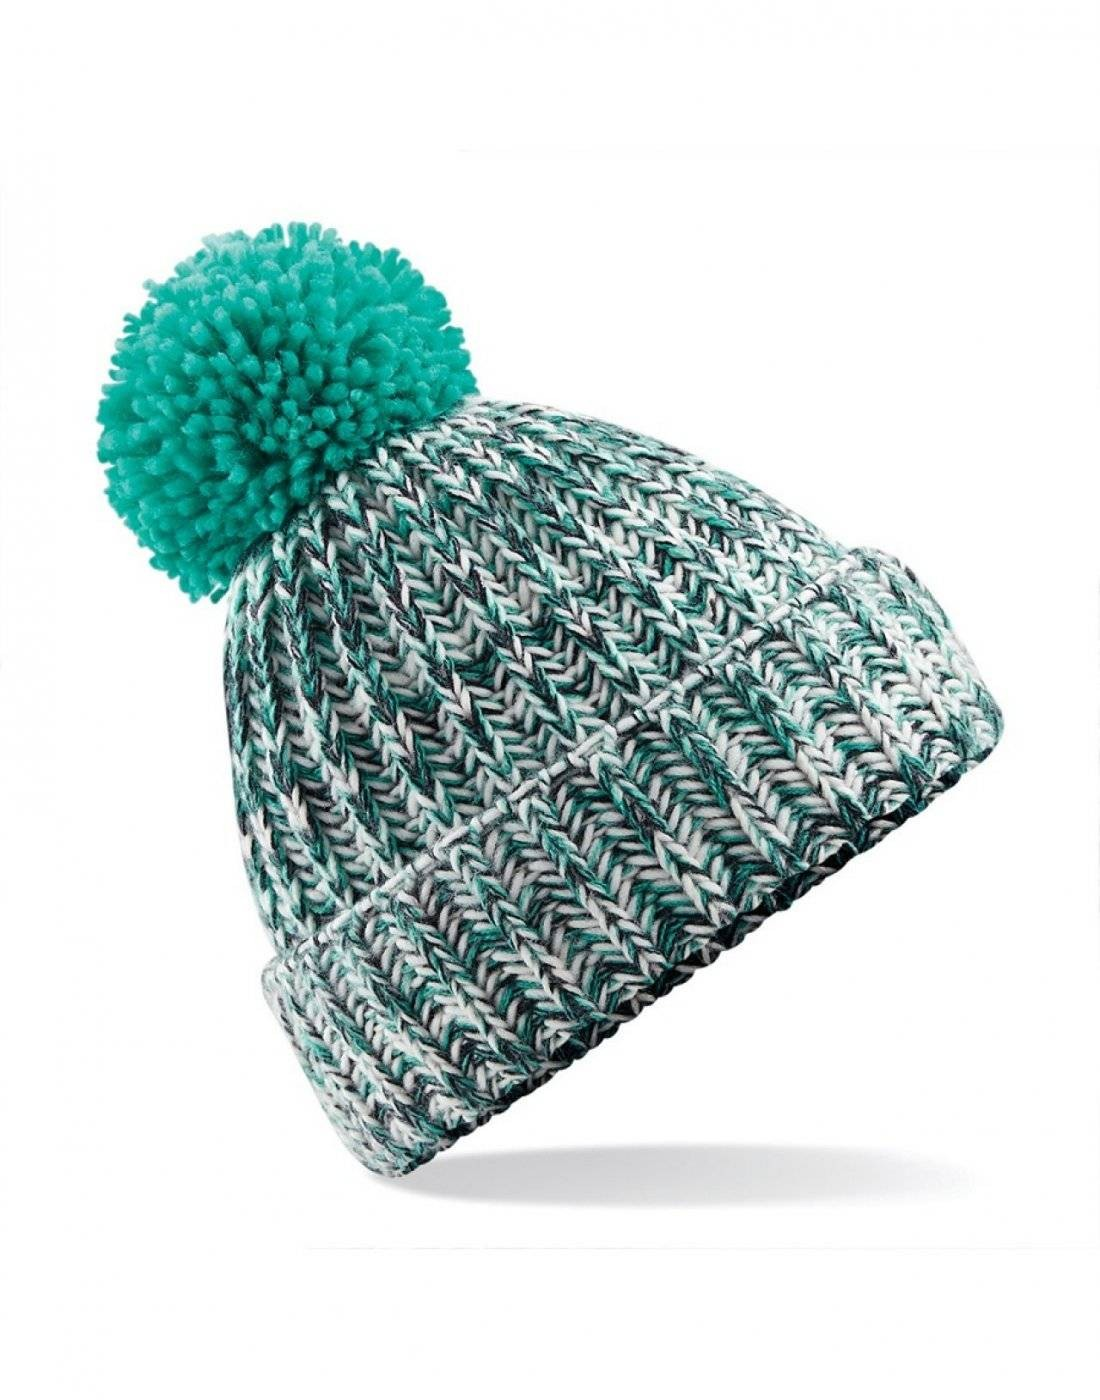 3bb620f5dda37 Twist-knit Pom Pom Beanie by Beechfield Headwear (B485)